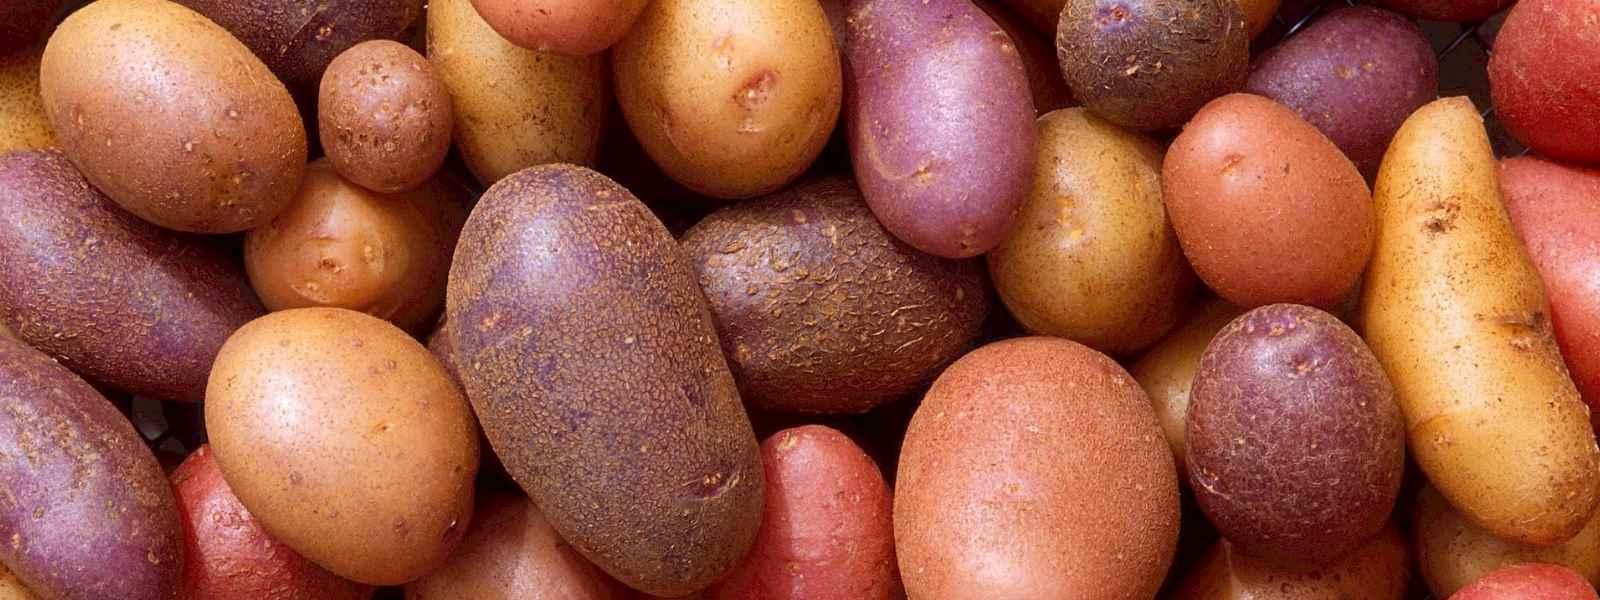 quelle variété pommes de terre